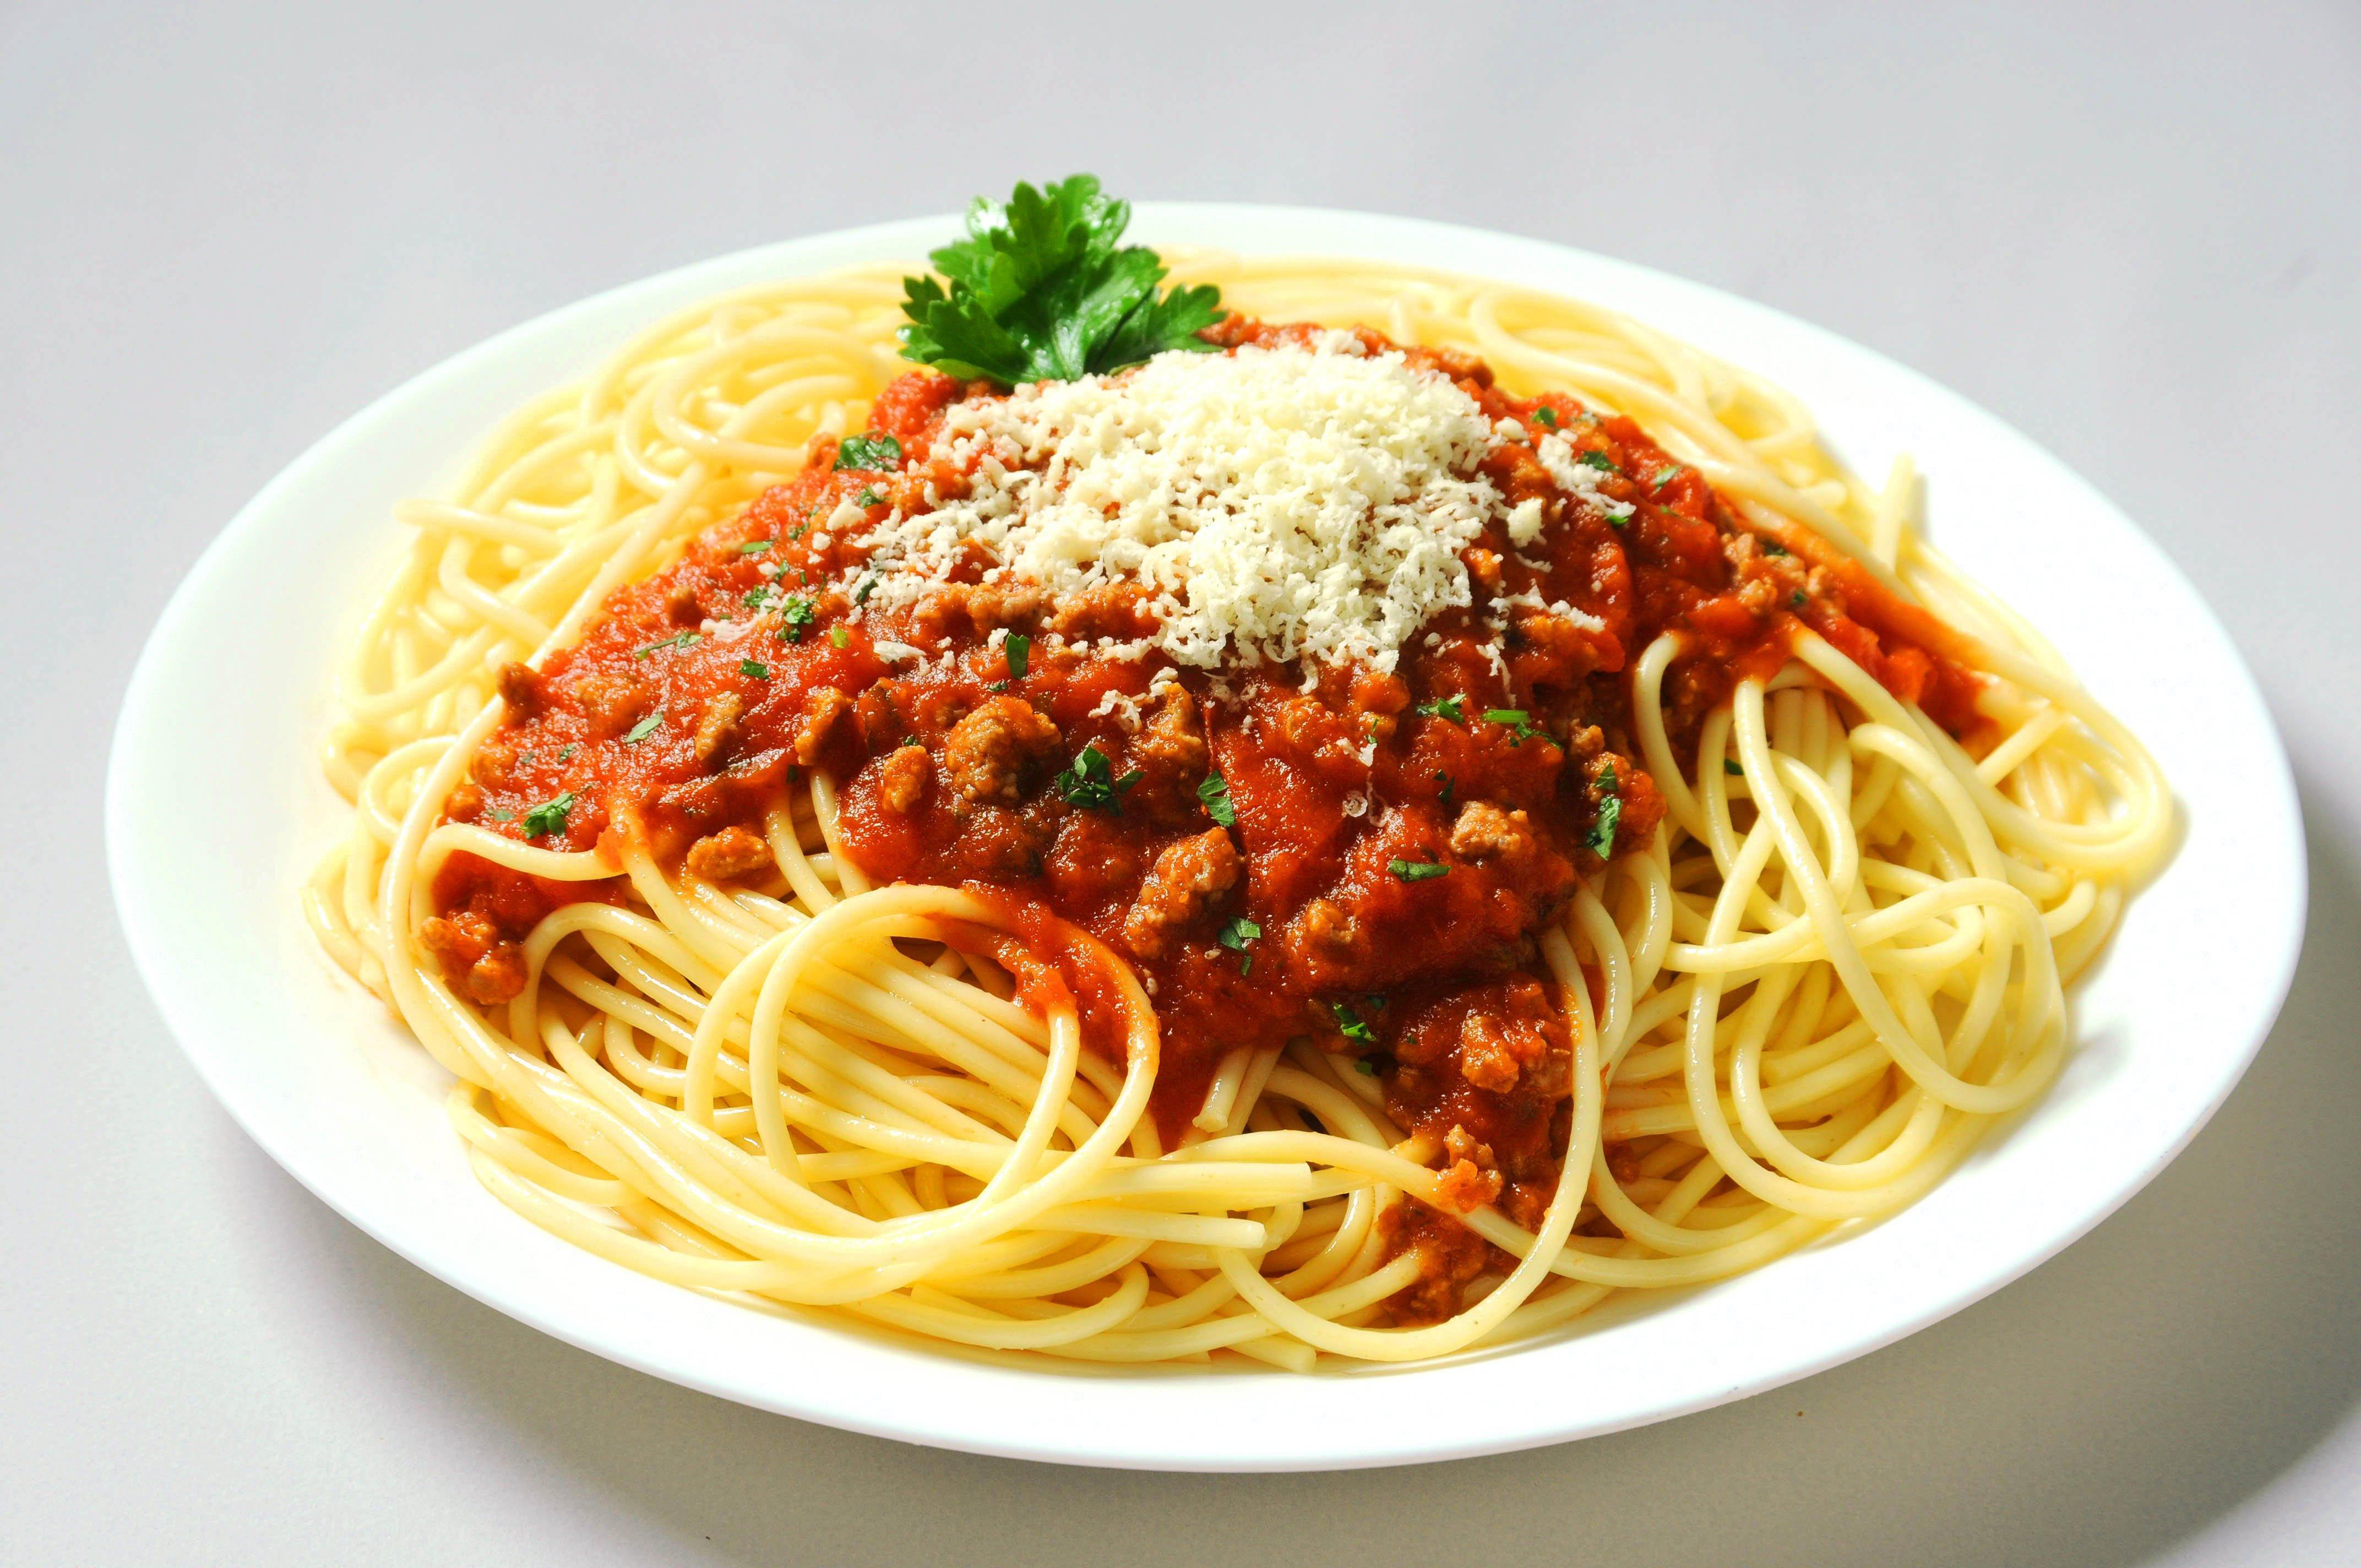 Spaghettiphobia